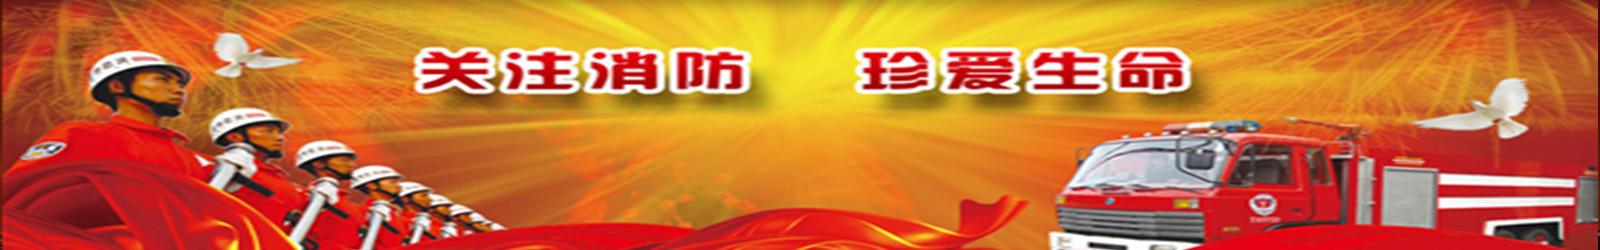 七氟丙烷灭火系统,柜式七氟丙烷灭火装置